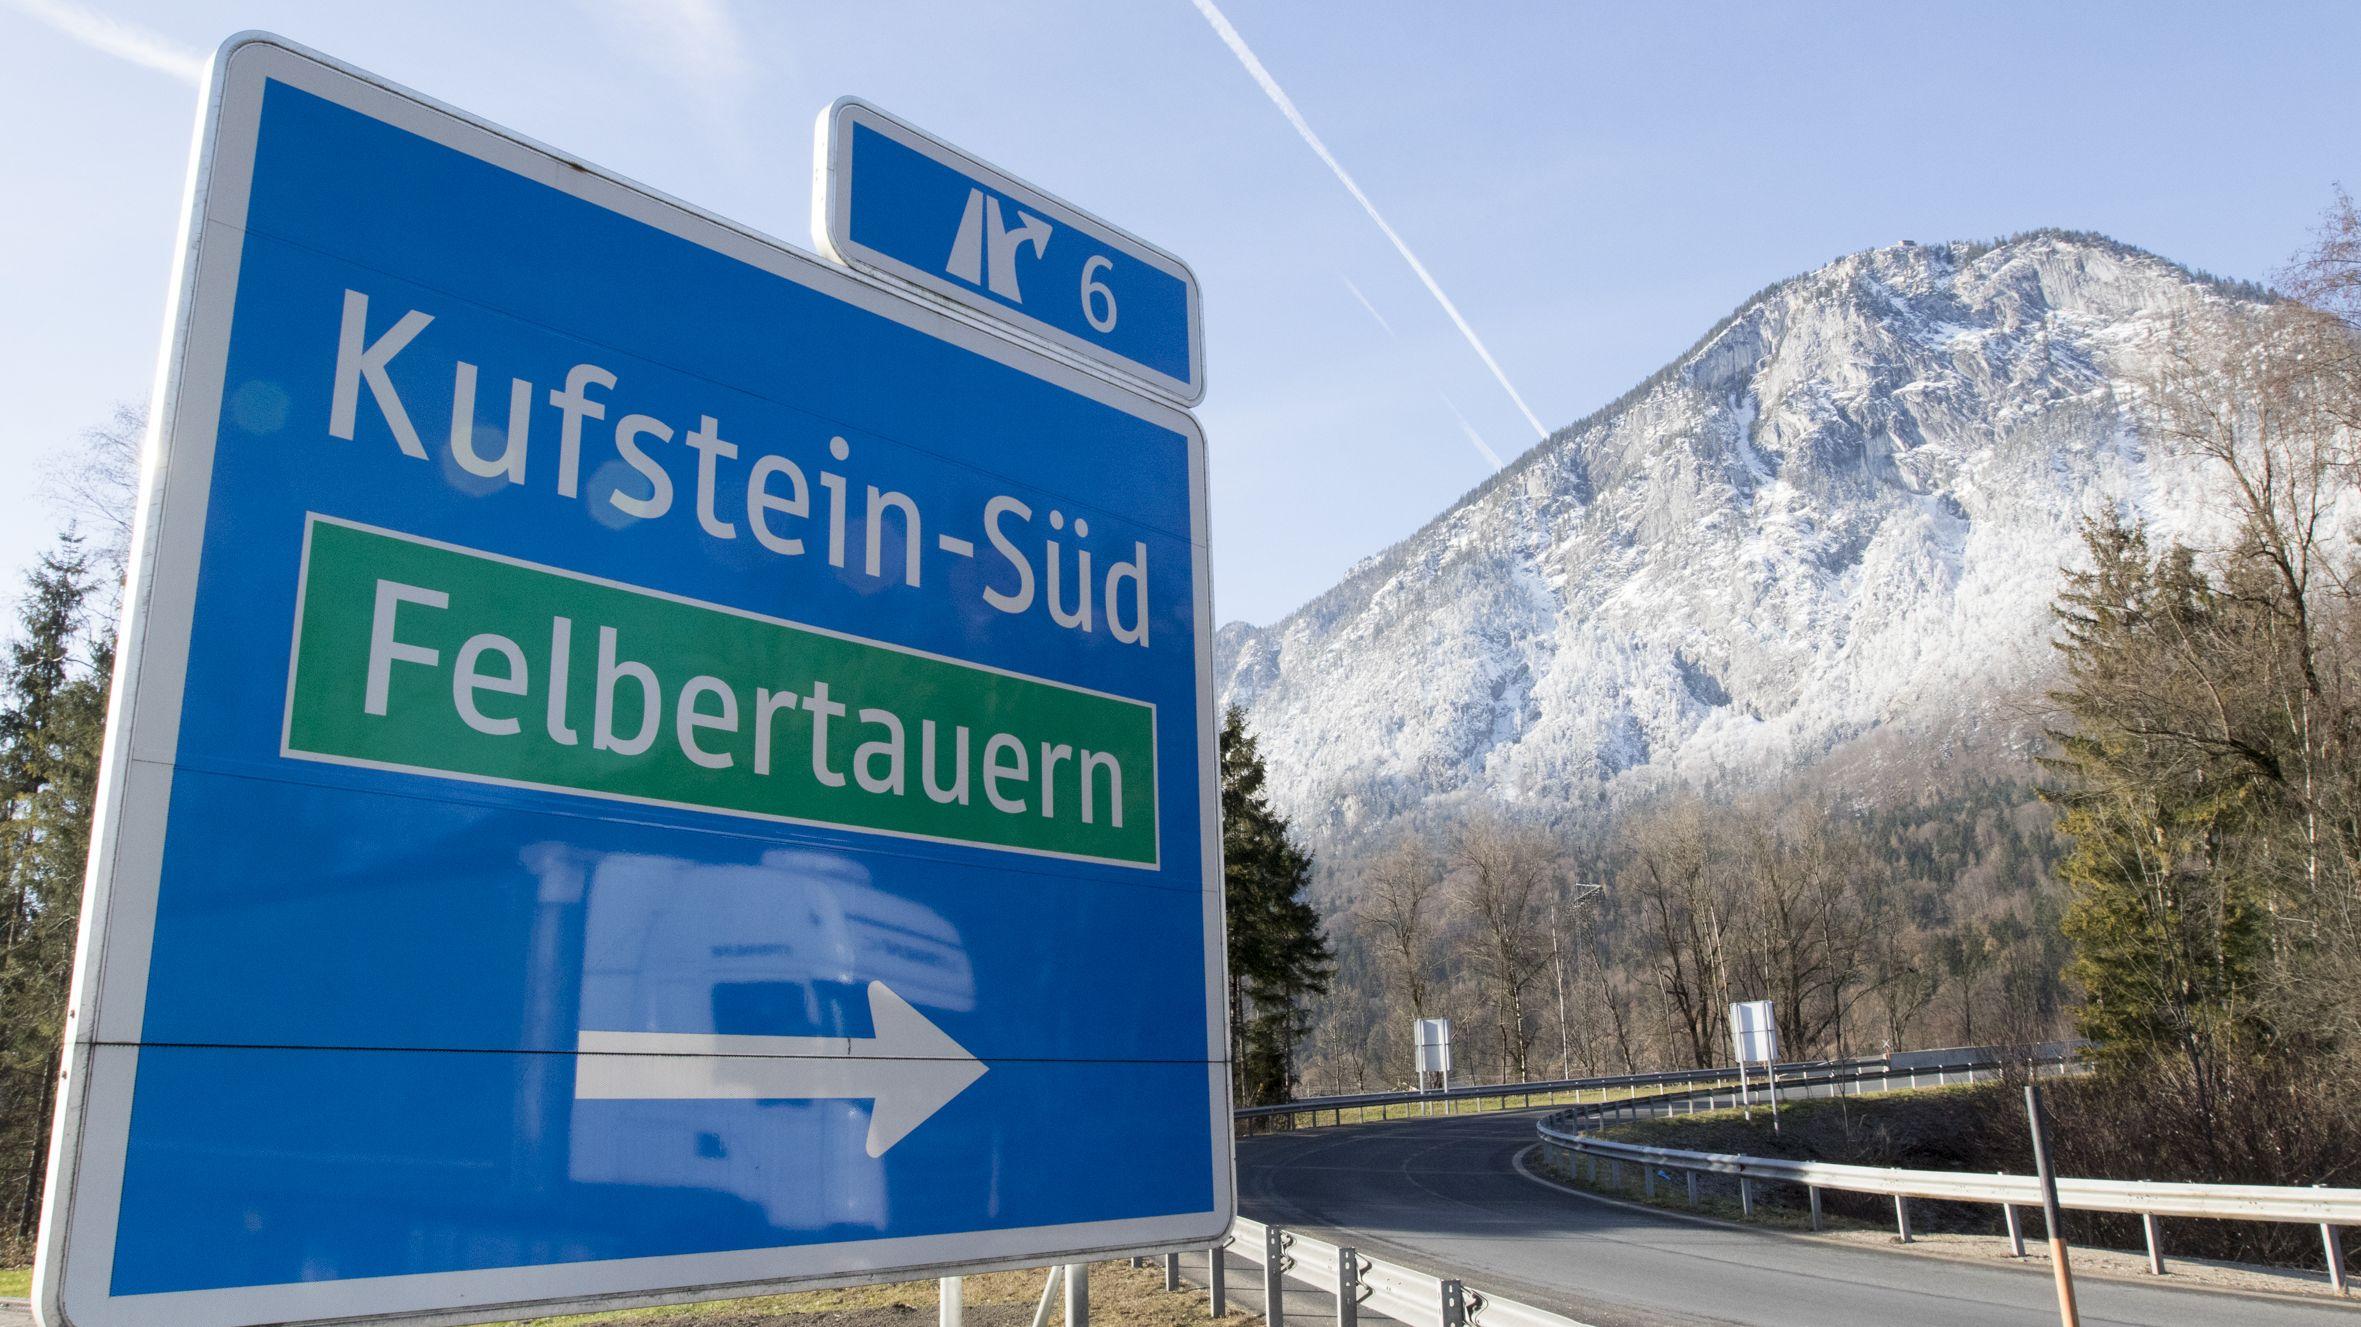 Autobahnausfahrt Kufstein Süd